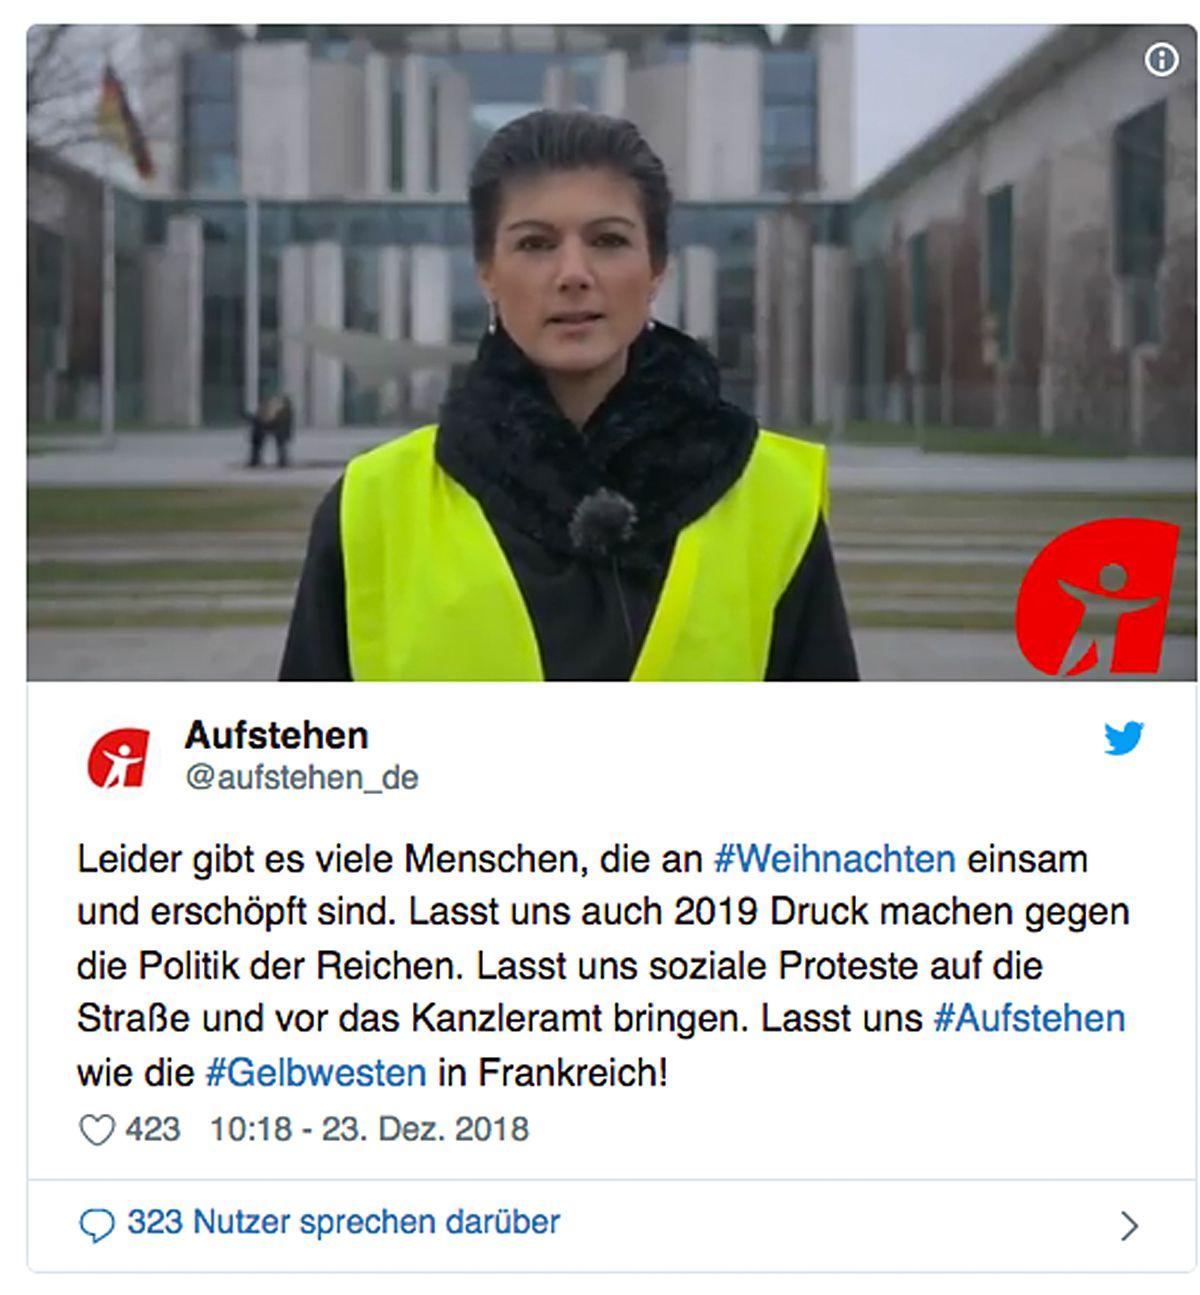 NUR ALS ZITAT/ Aufstehen/ Wagenknecht/ Gelbwesten